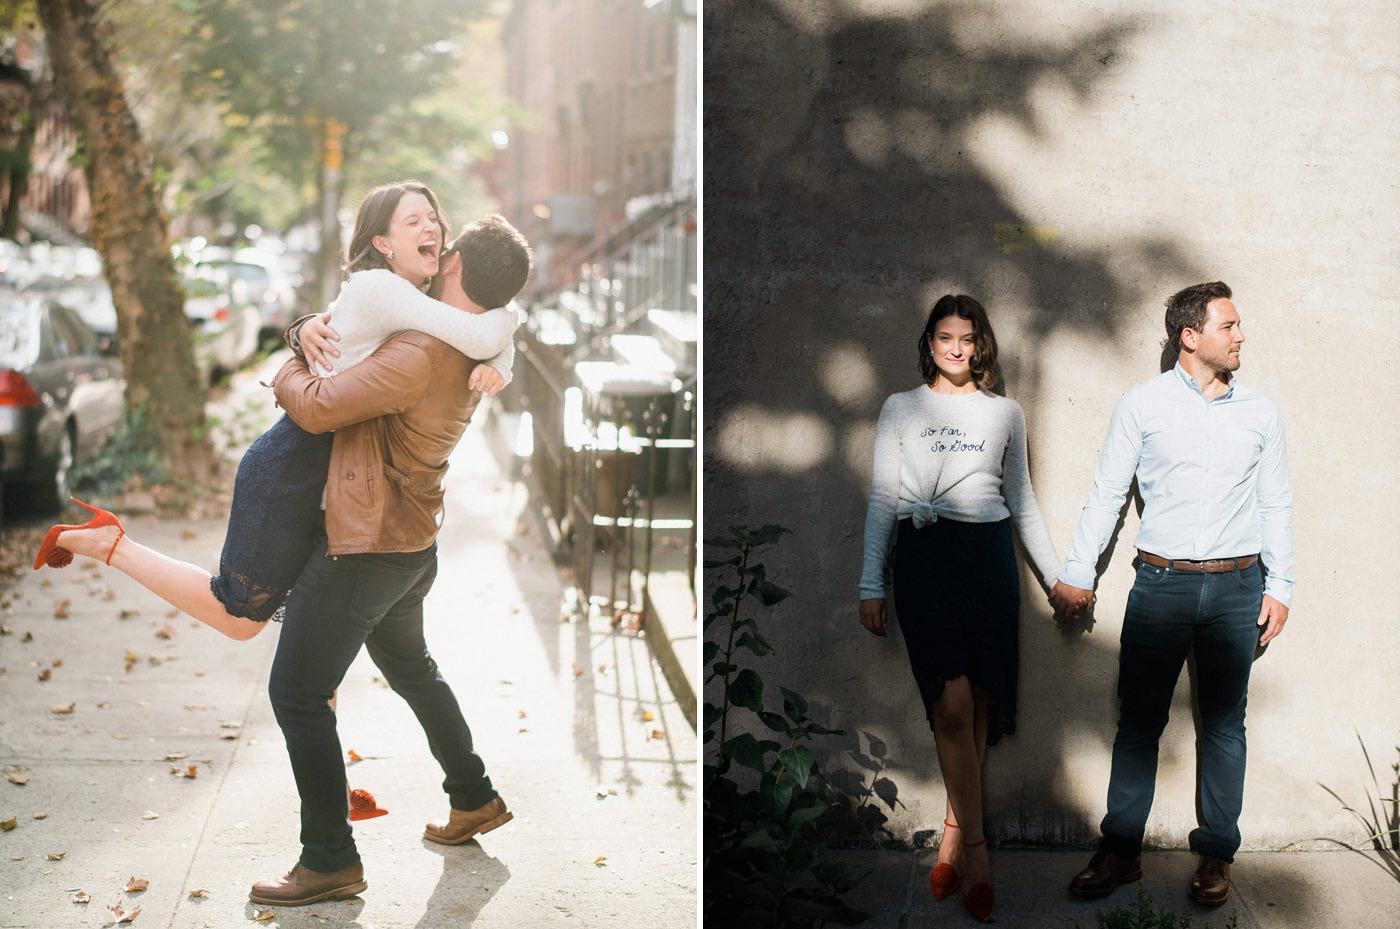 012-stylish-brooklyn-engagement-session-by-top-brooklyn-wedding-photographer.jpg